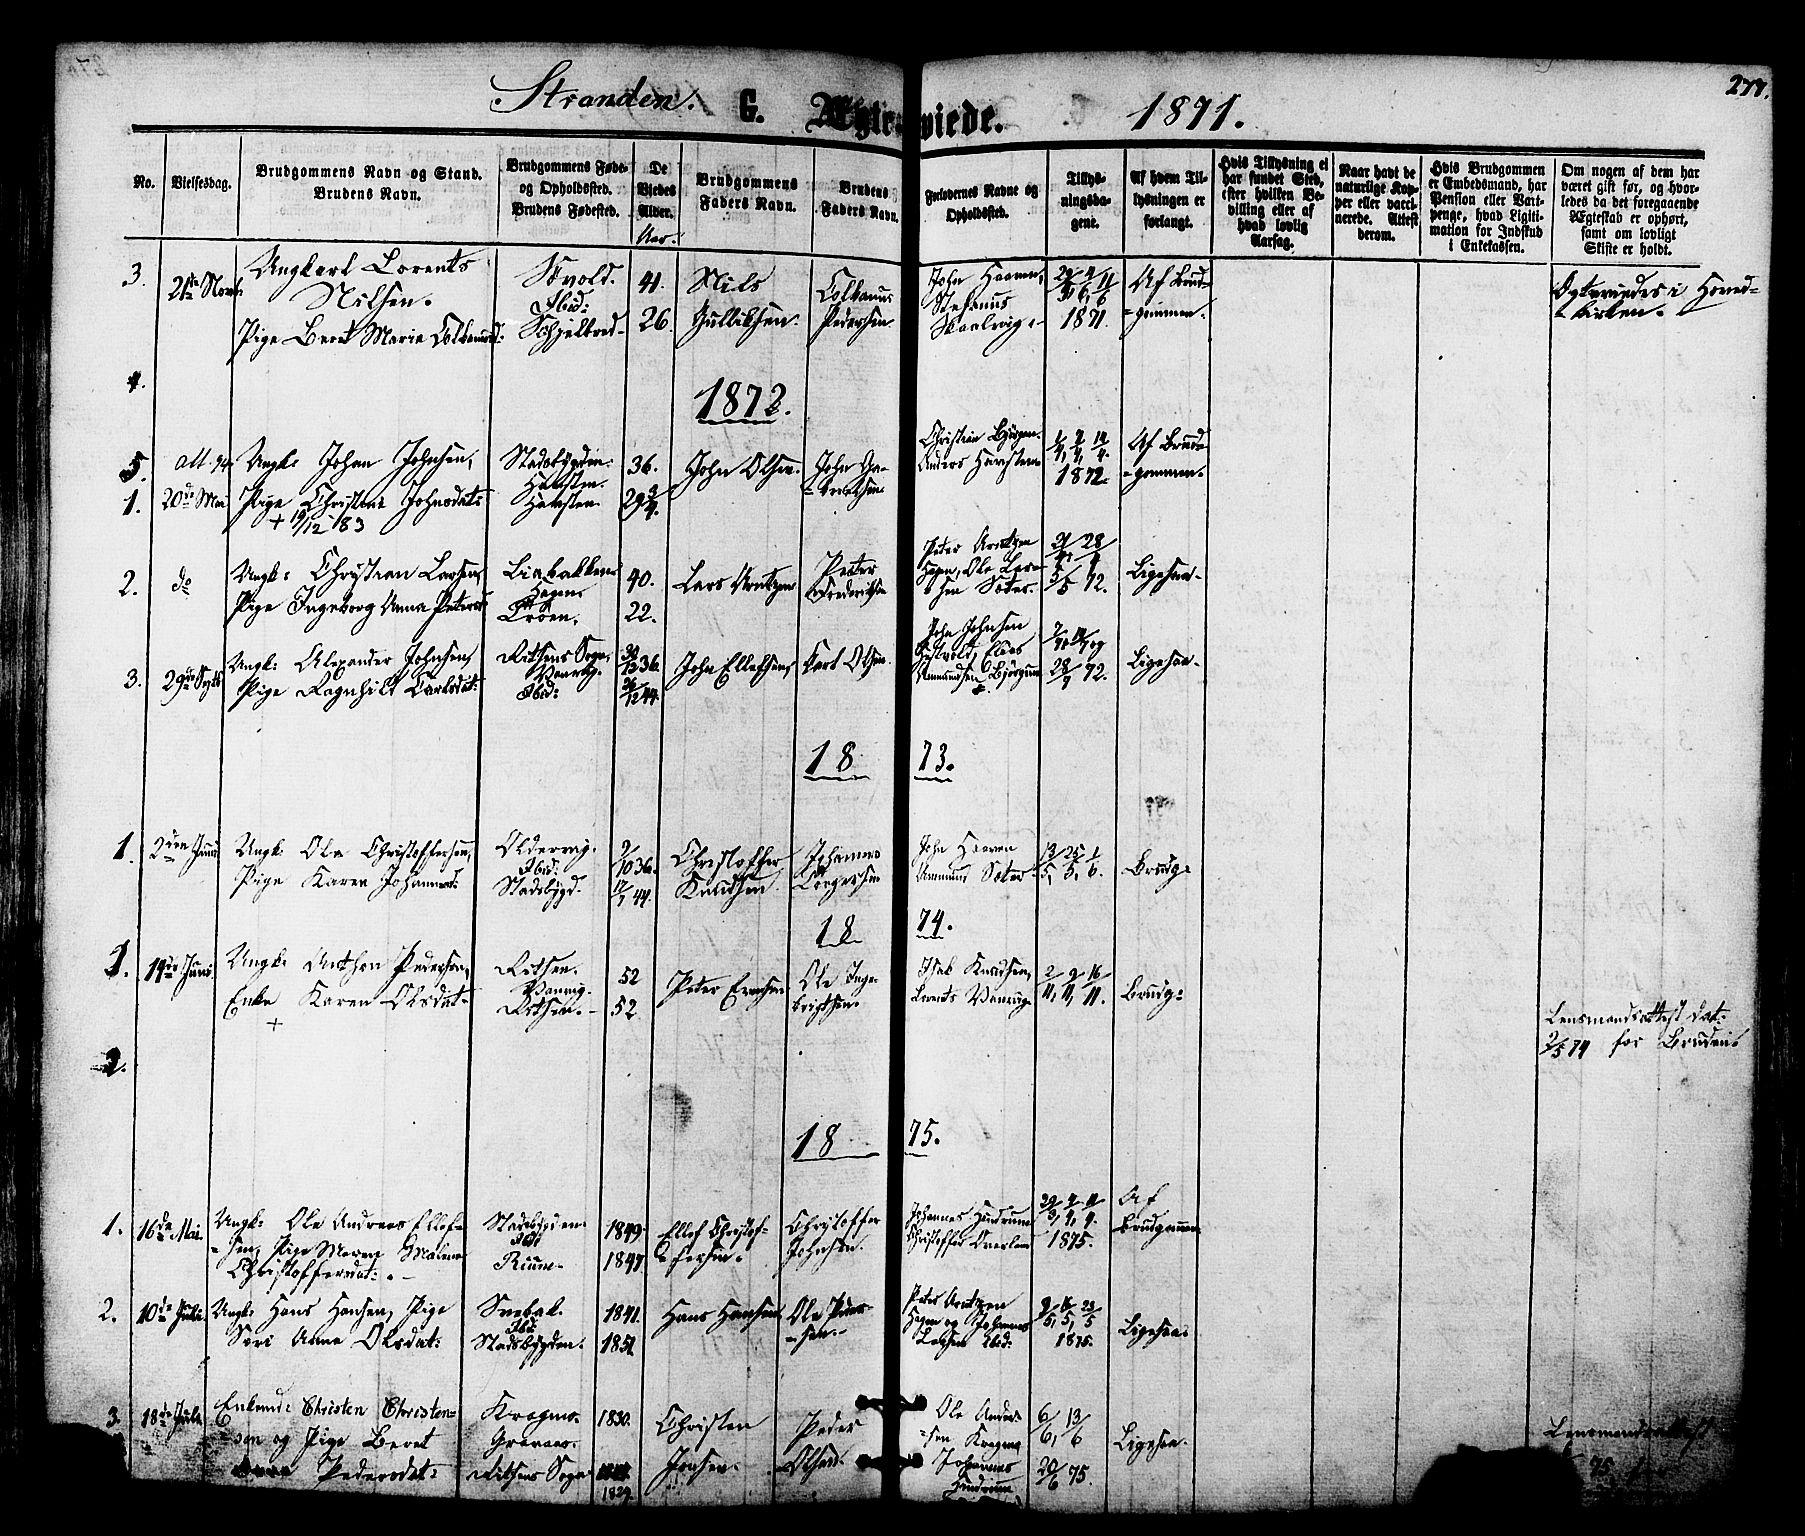 SAT, Ministerialprotokoller, klokkerbøker og fødselsregistre - Nord-Trøndelag, 701/L0009: Ministerialbok nr. 701A09 /2, 1864-1882, s. 277